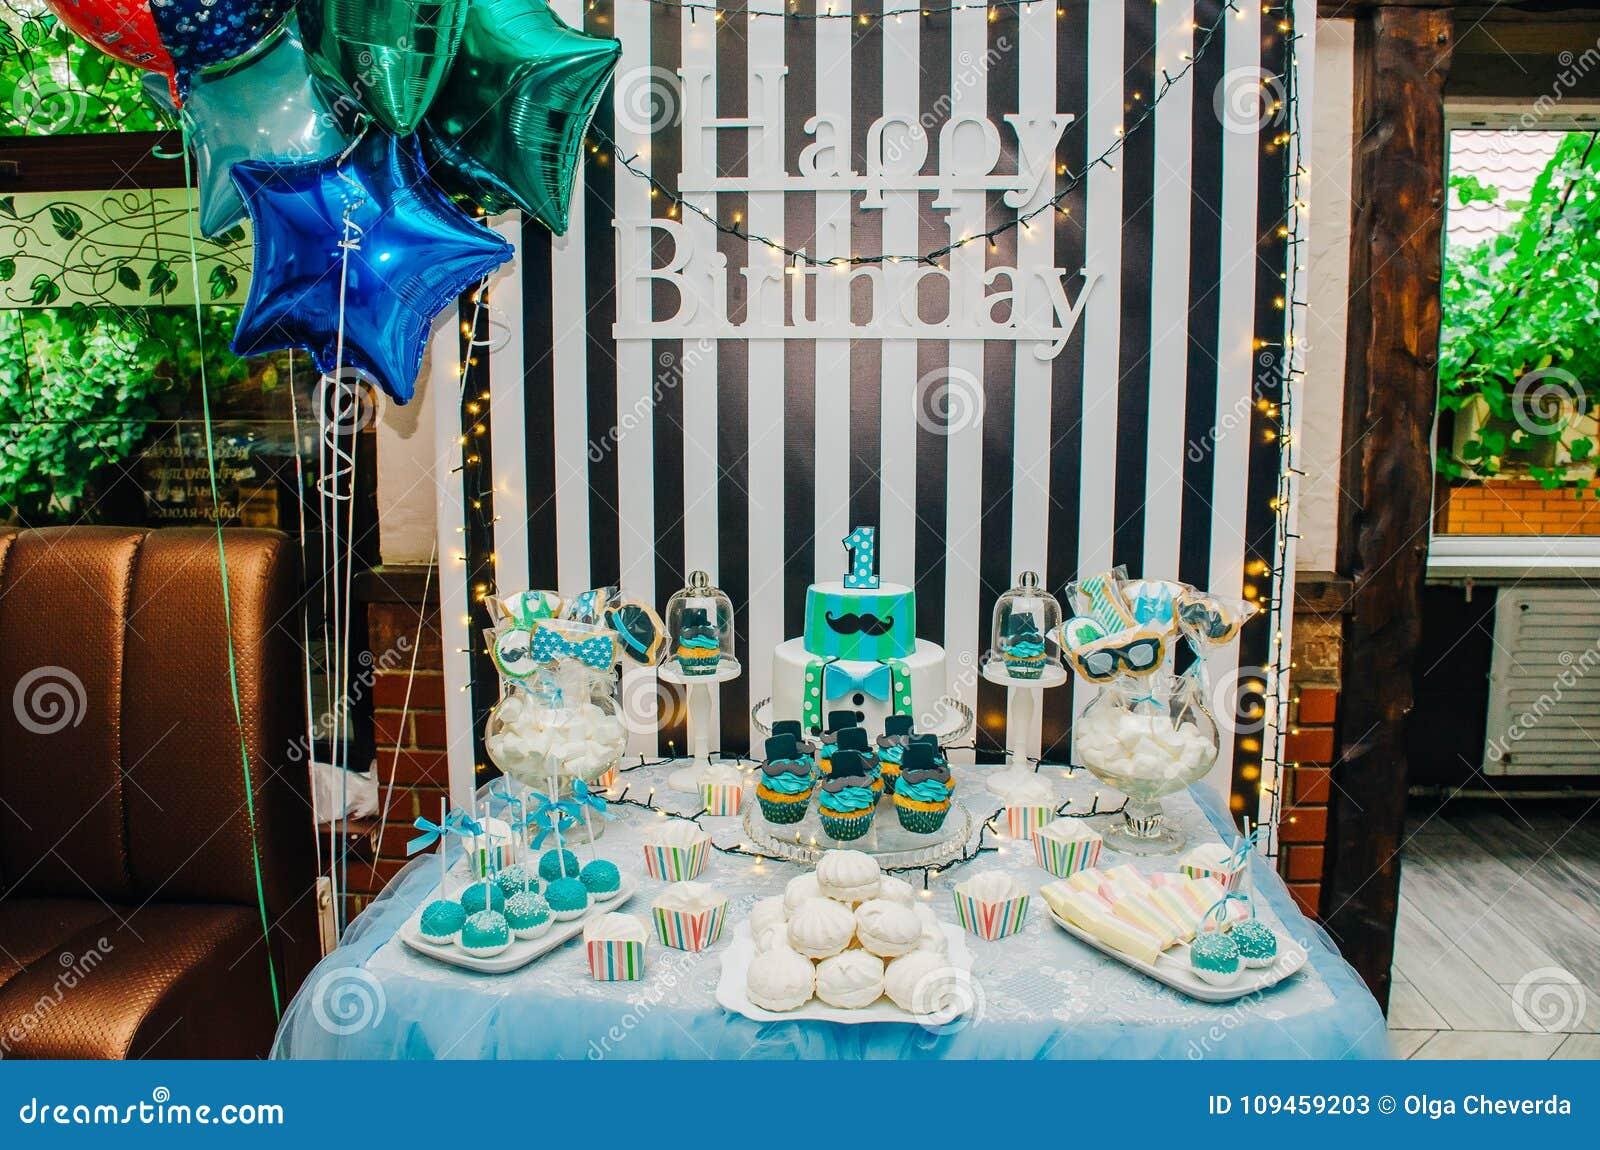 table décorée avec les ballons et le gâteau sur un anniversaire du